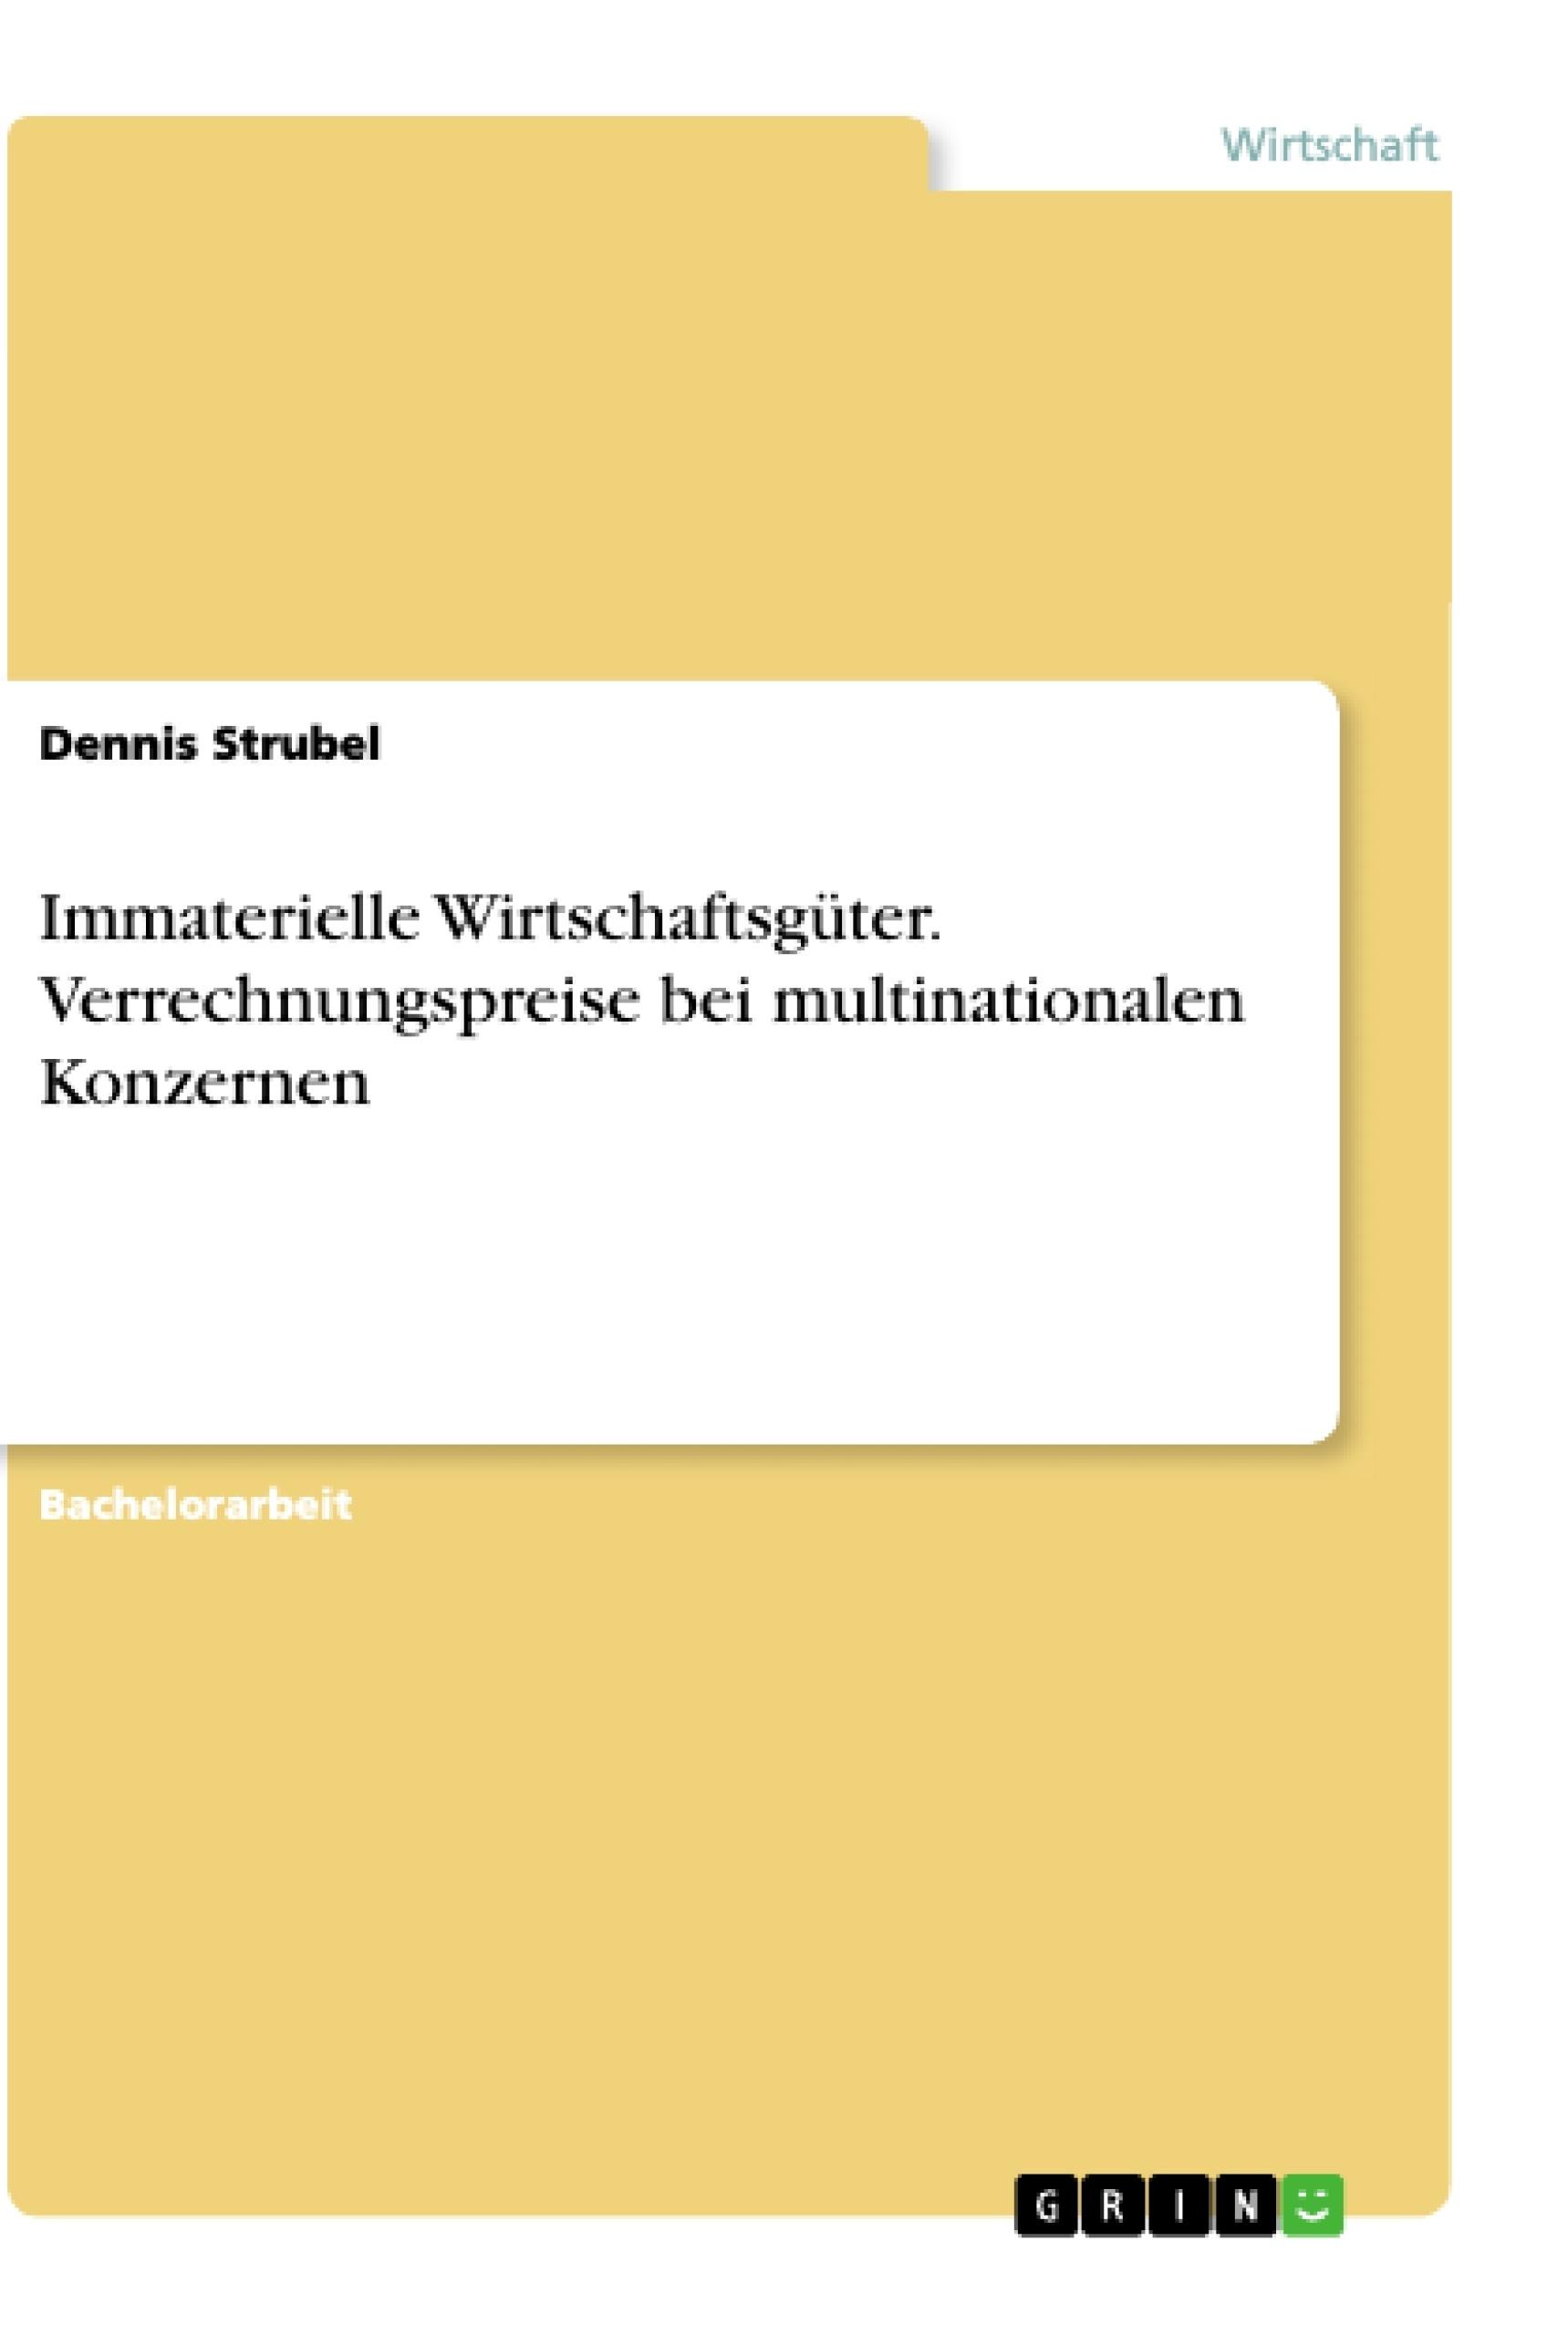 Titel: Immaterielle Wirtschaftsgüter. Verrechnungspreise bei multinationalen Konzernen